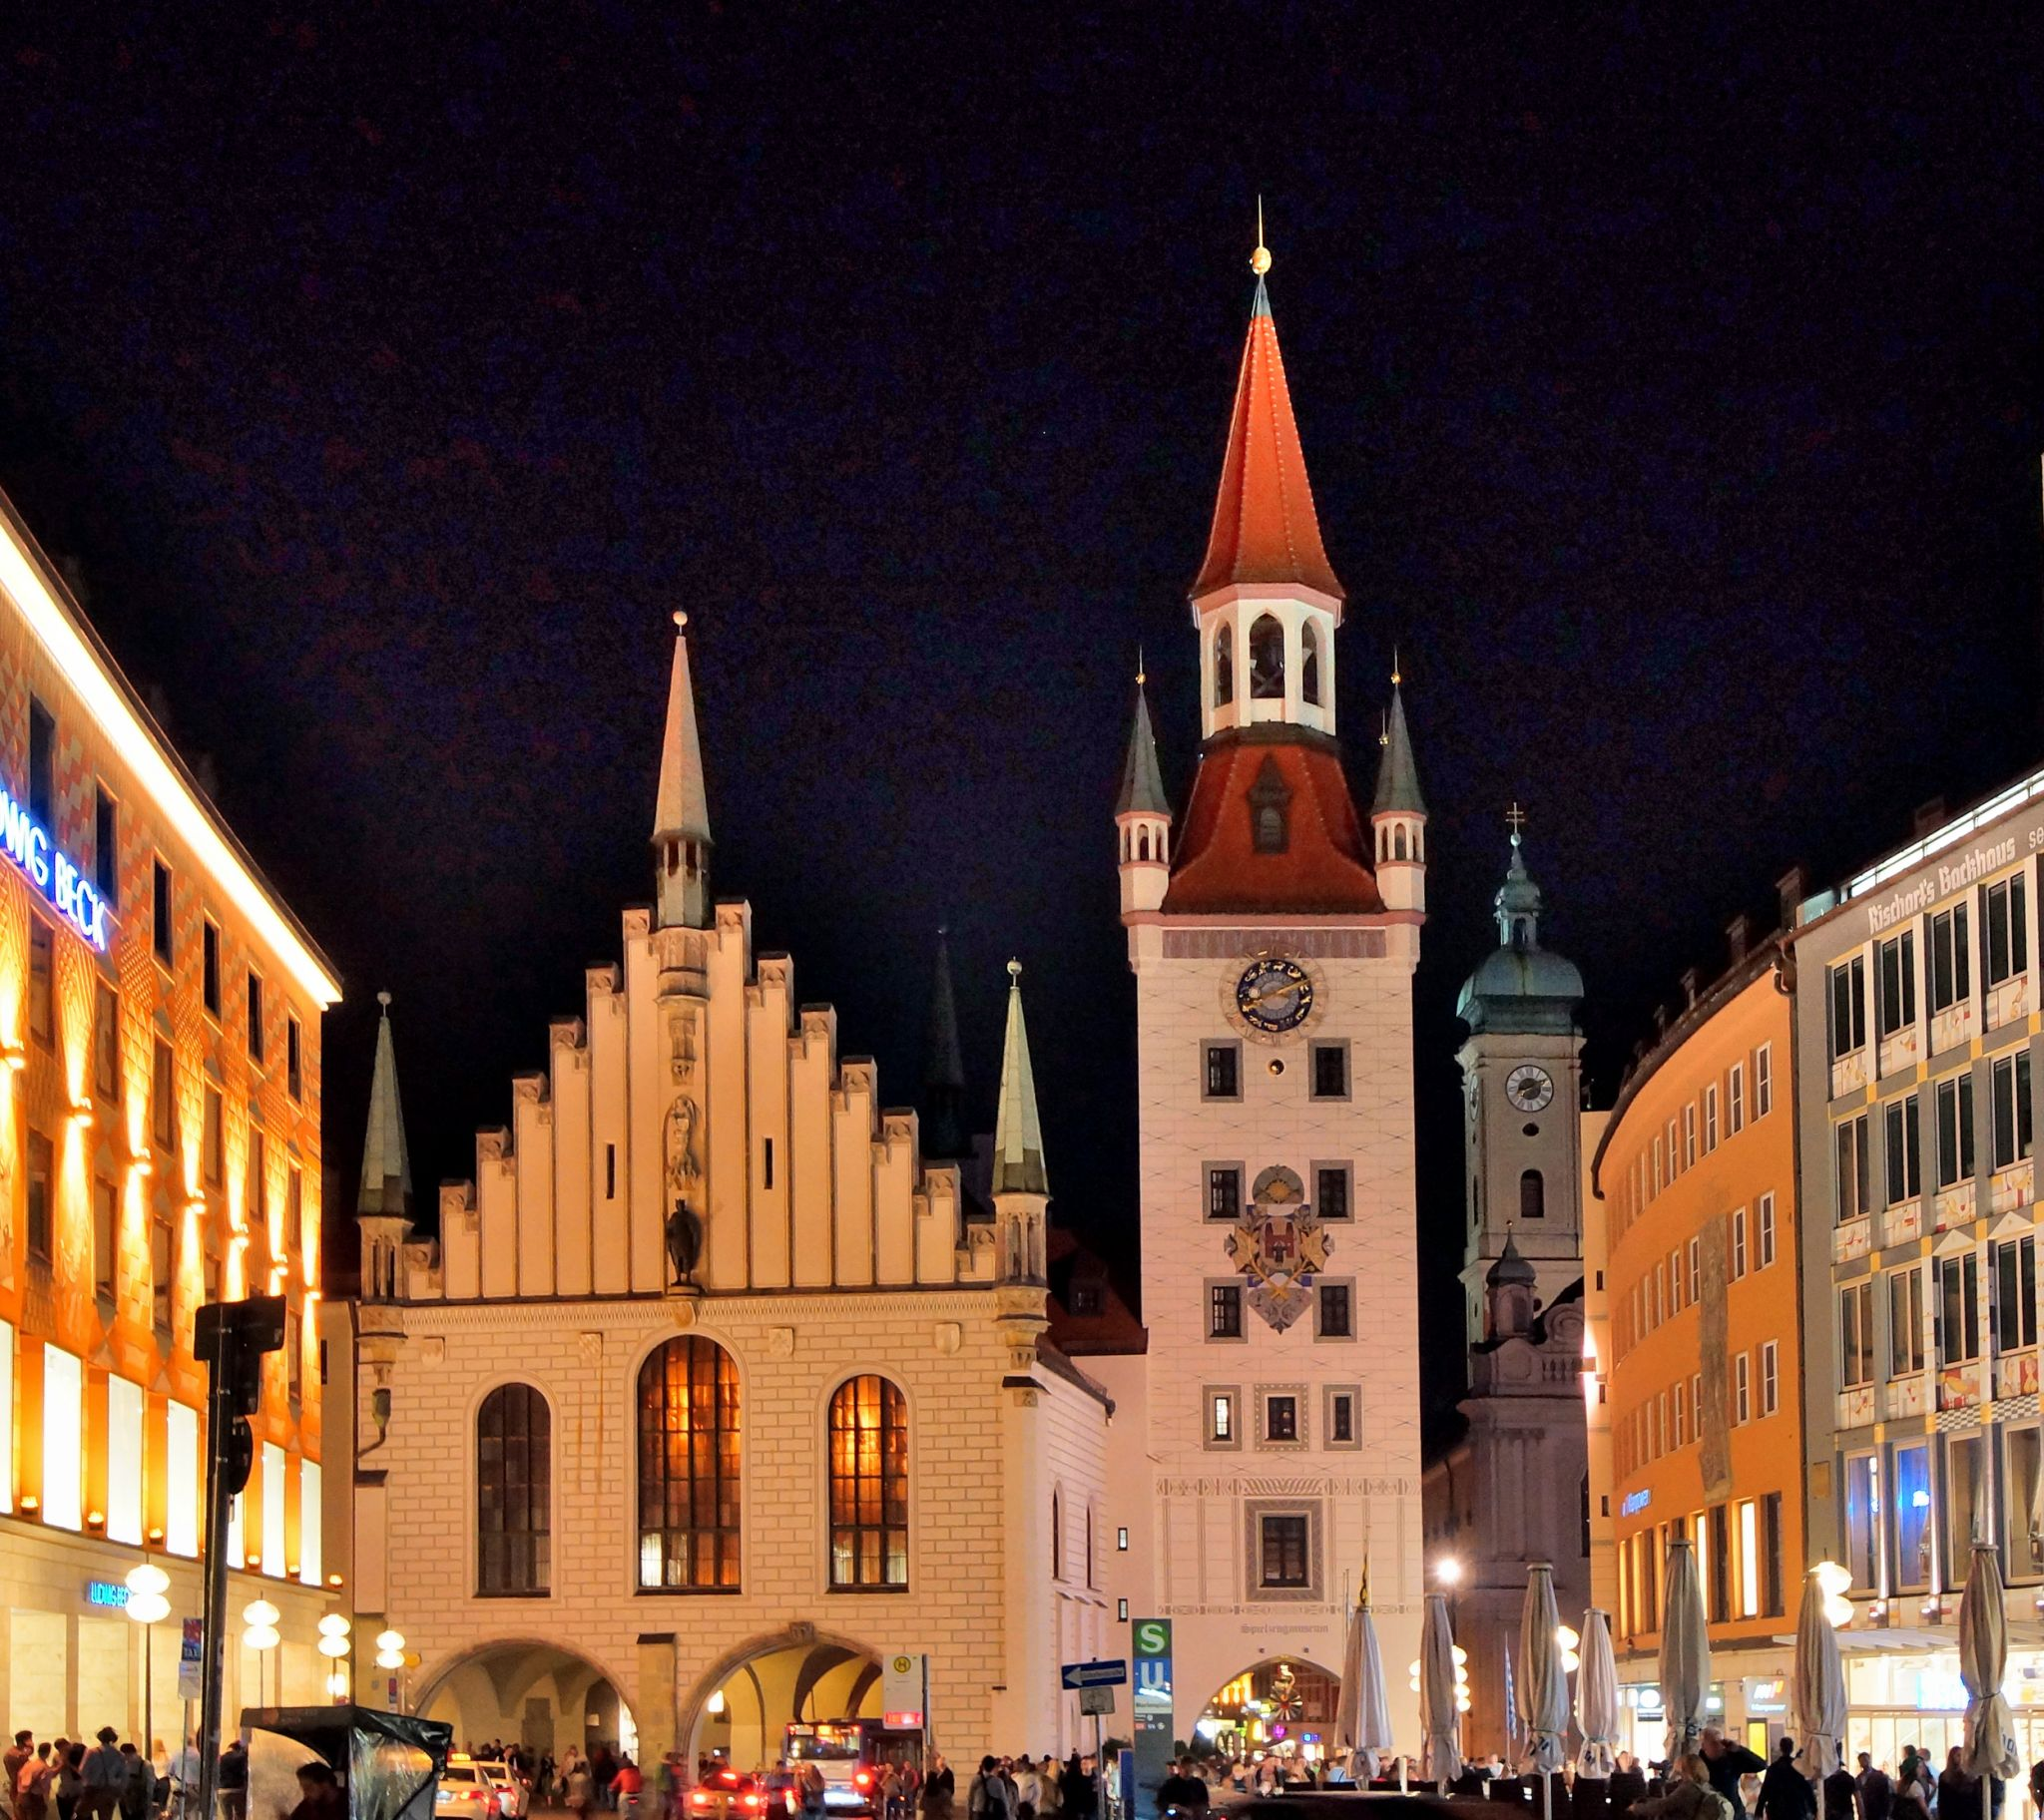 Altes Rathaus, Marienplatz, Munich, Germany